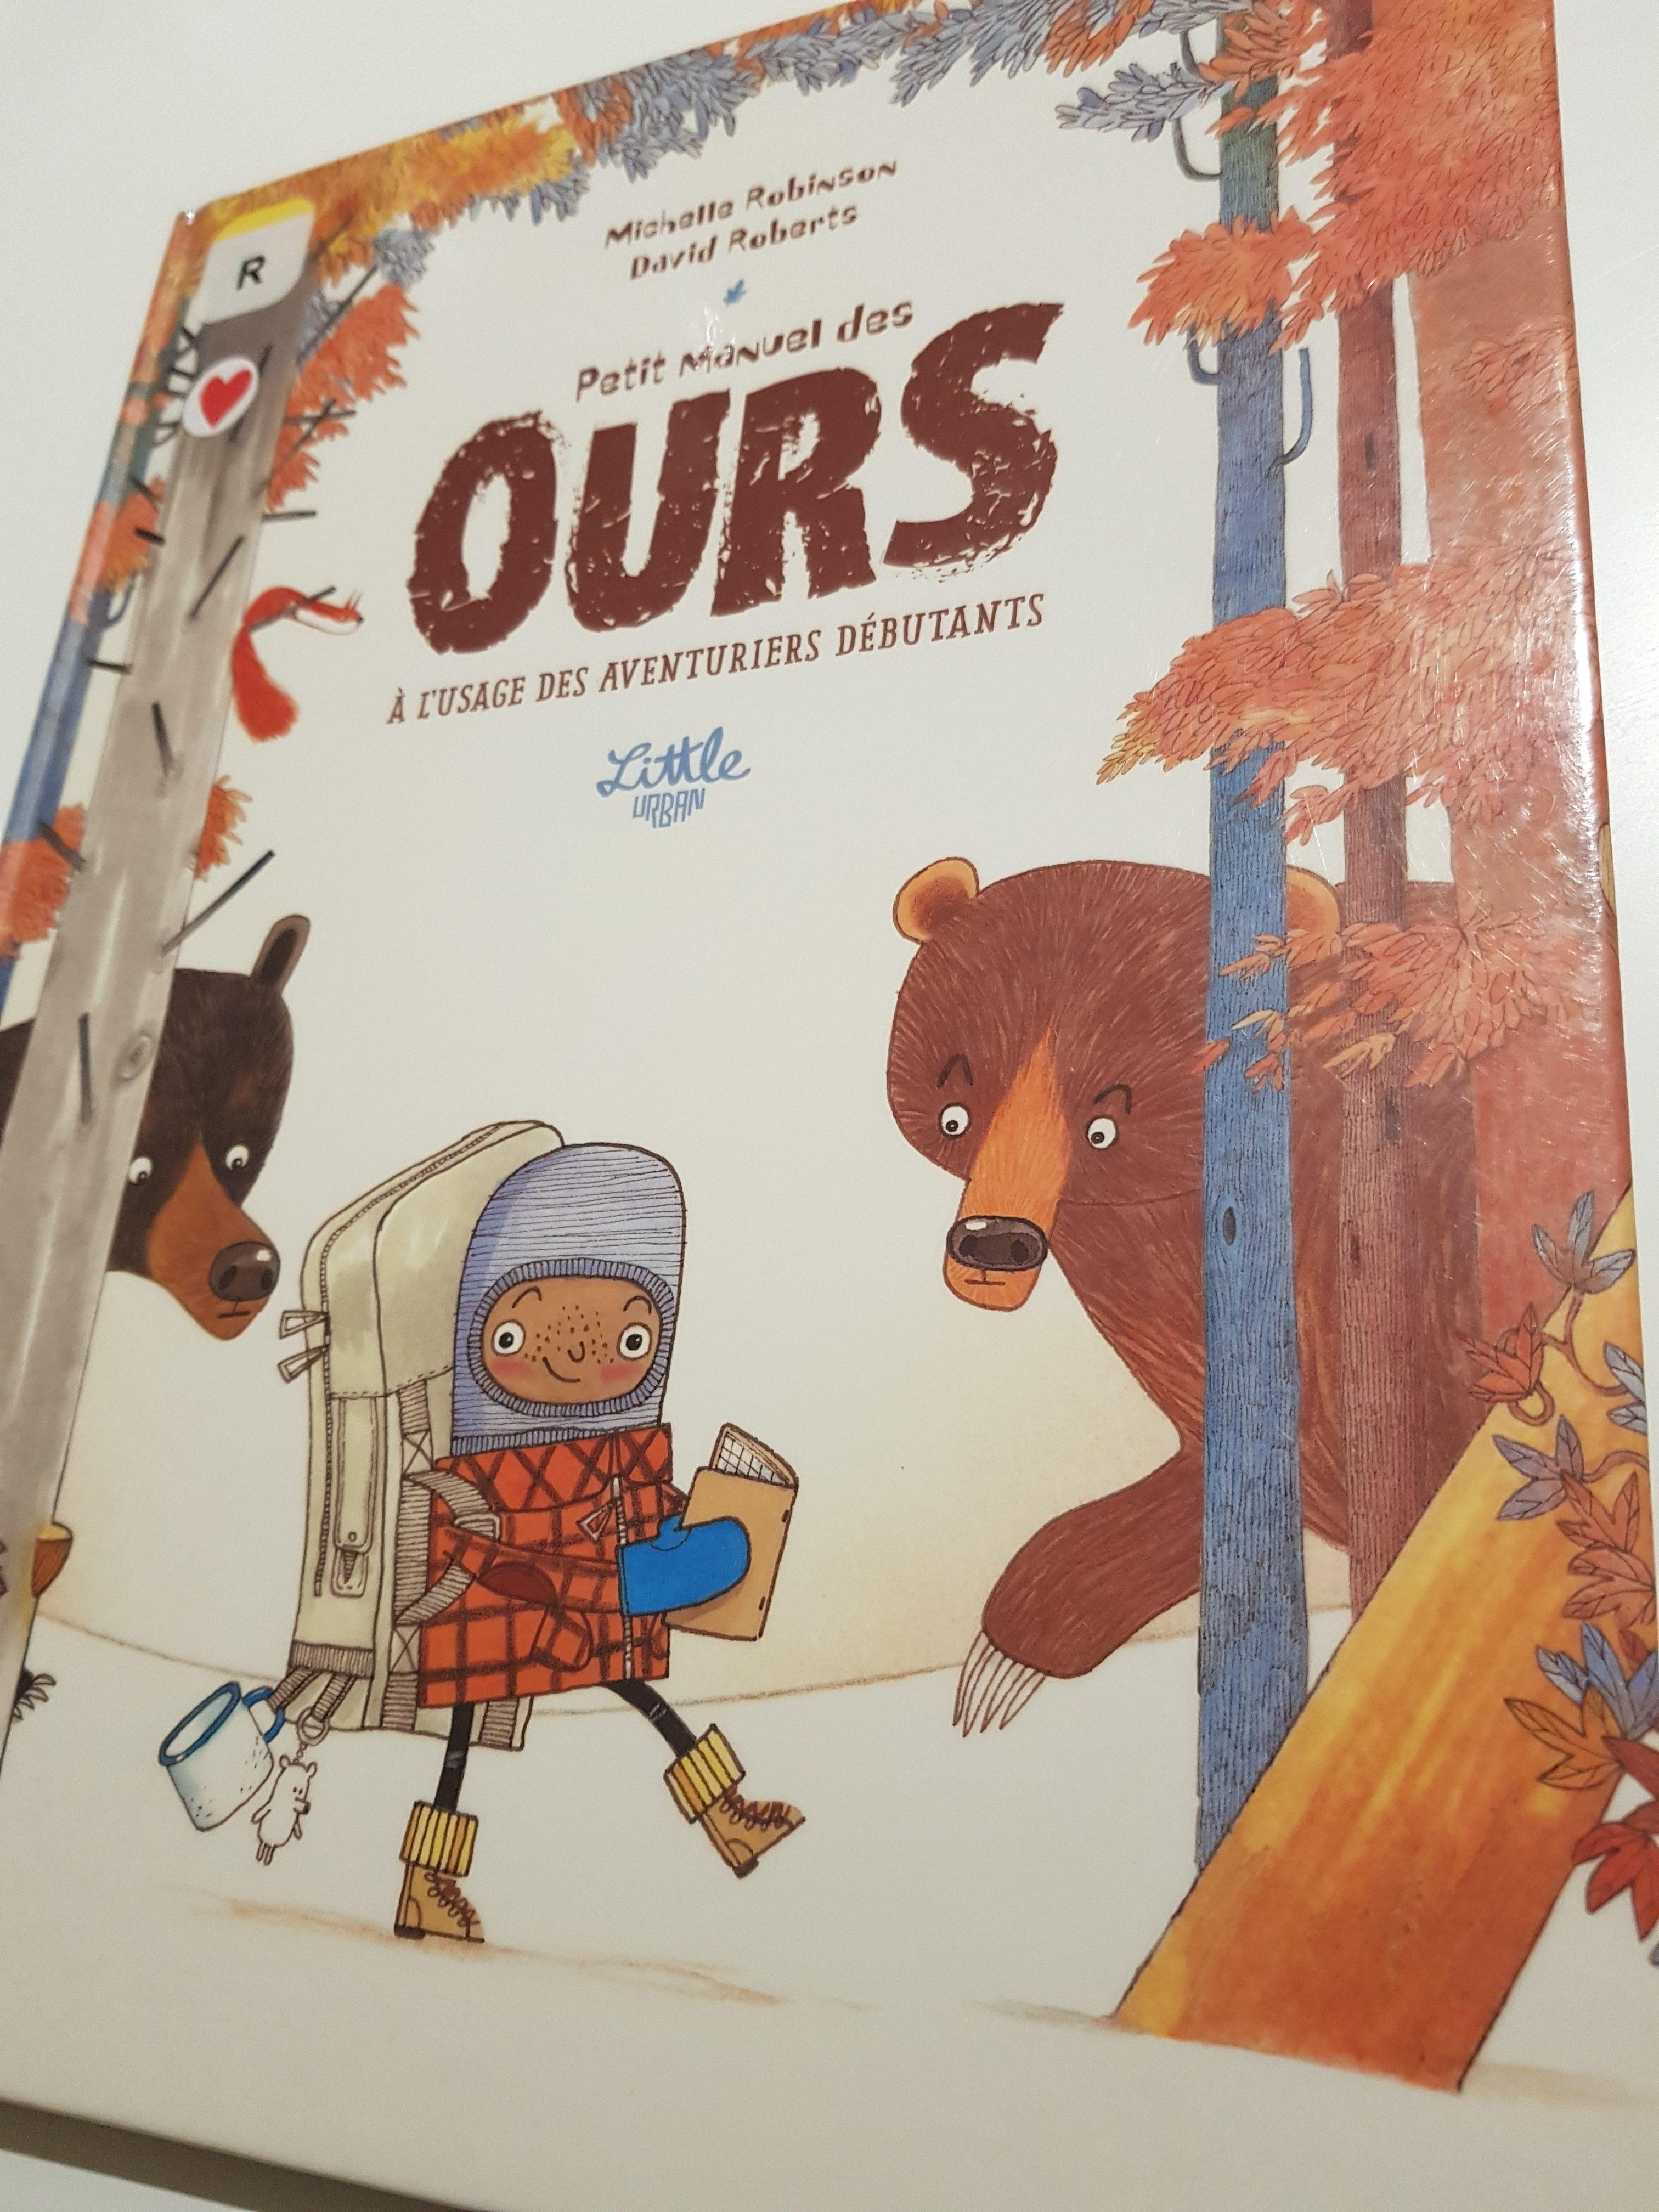 petit manuel des ours à l'usage des débutants michelle robinson